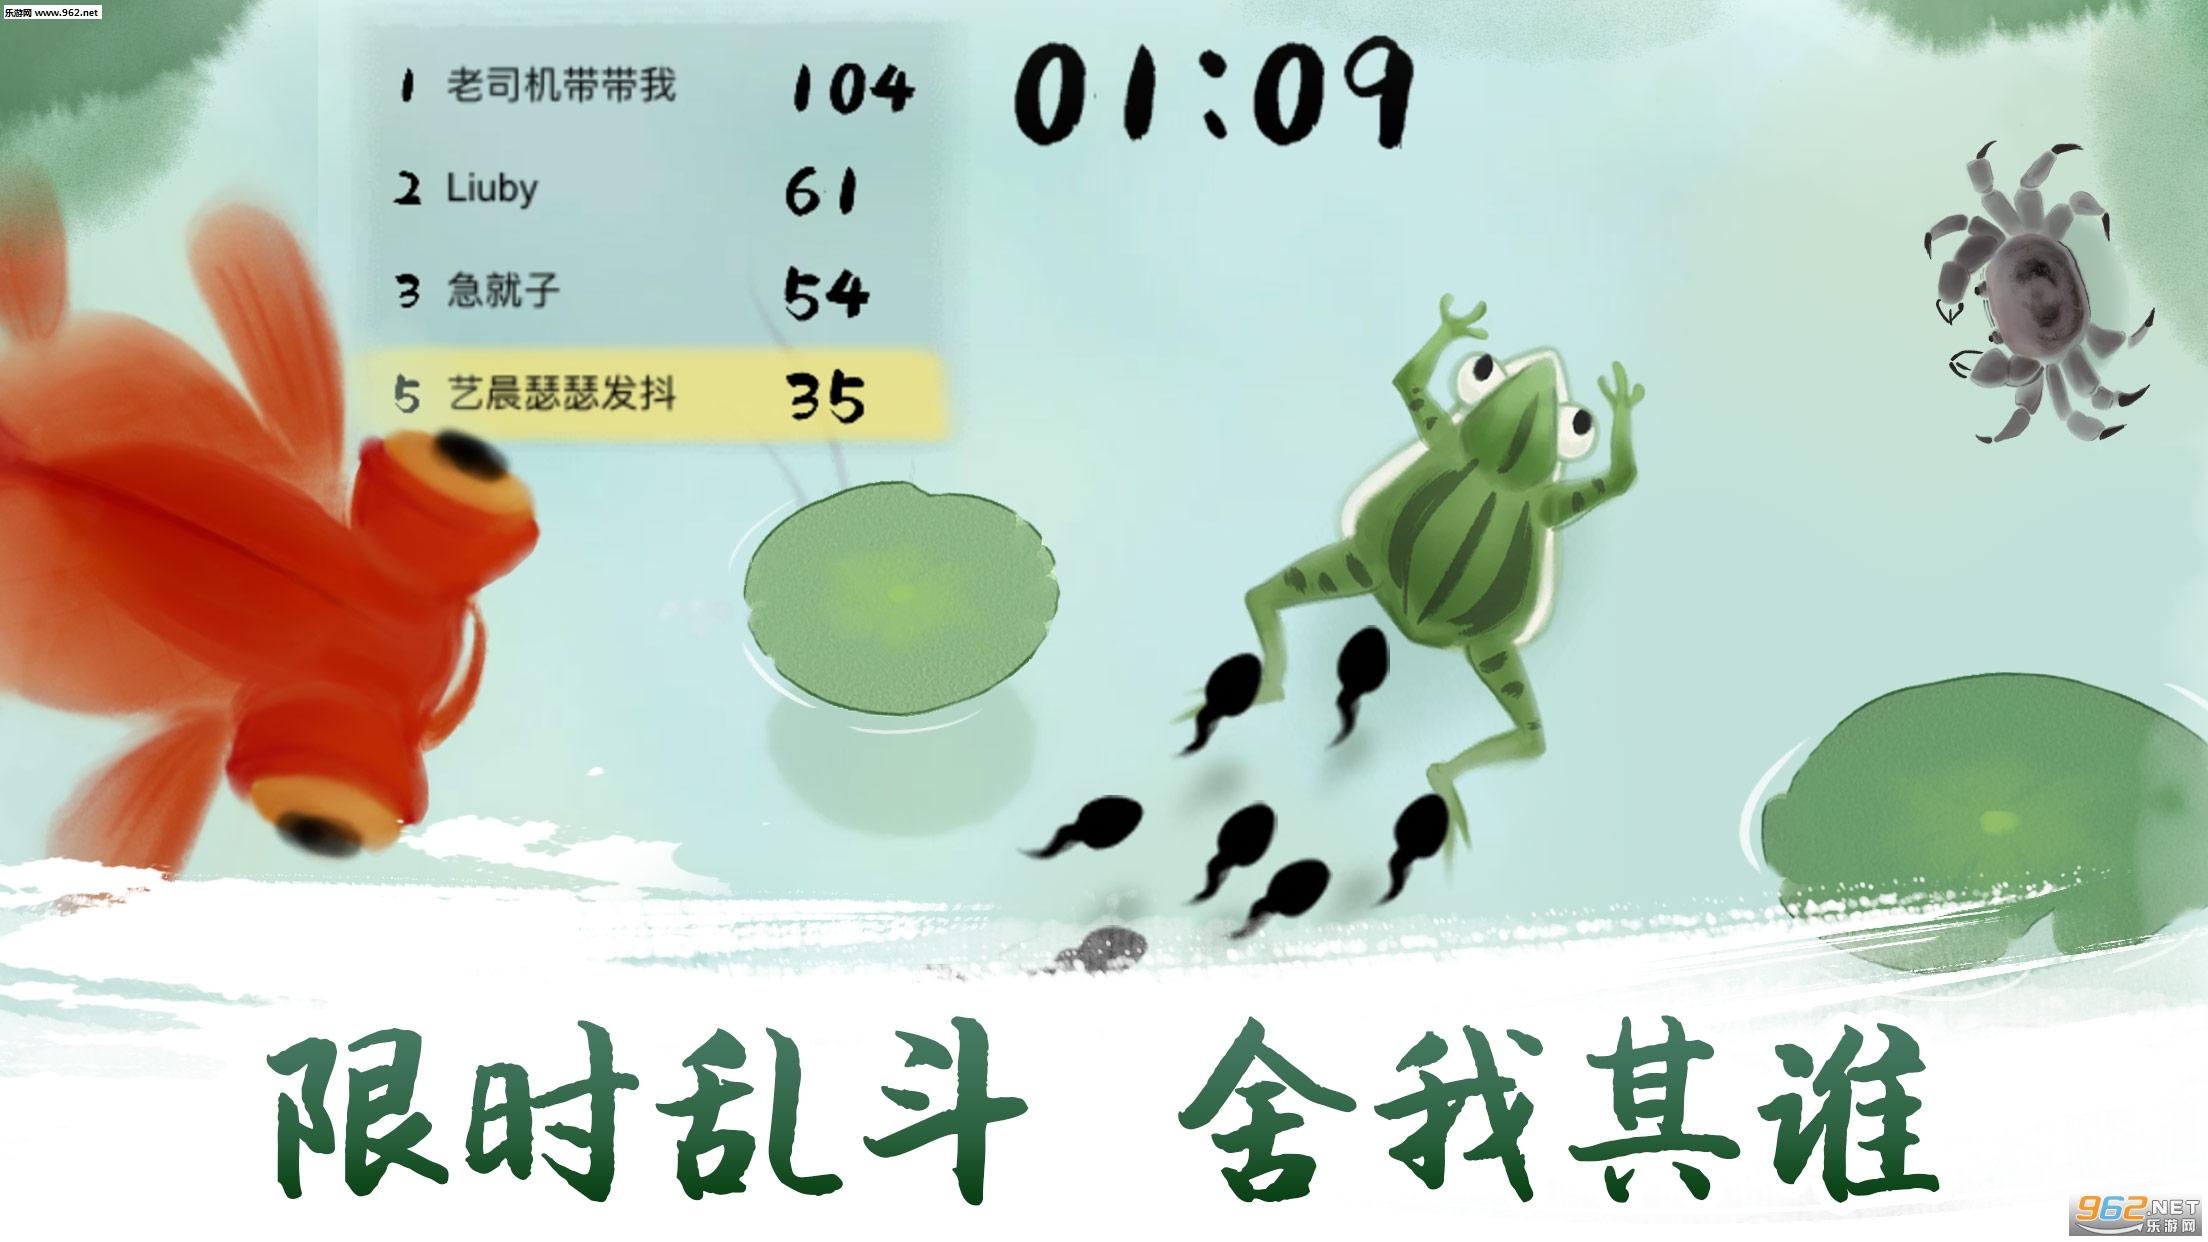 墨虾探蝌手机版v1.0 安卓版截图2